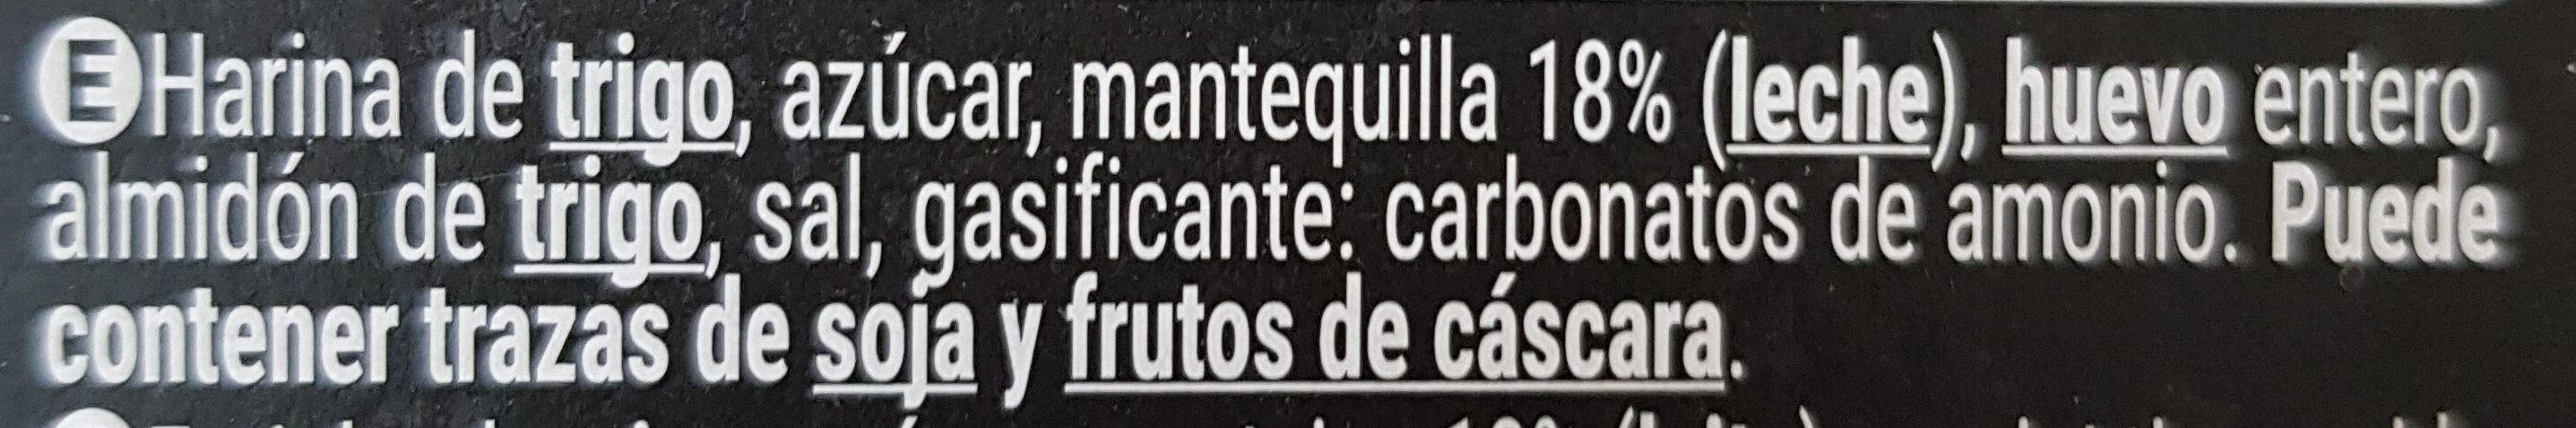 Belgas - Ingredientes - es